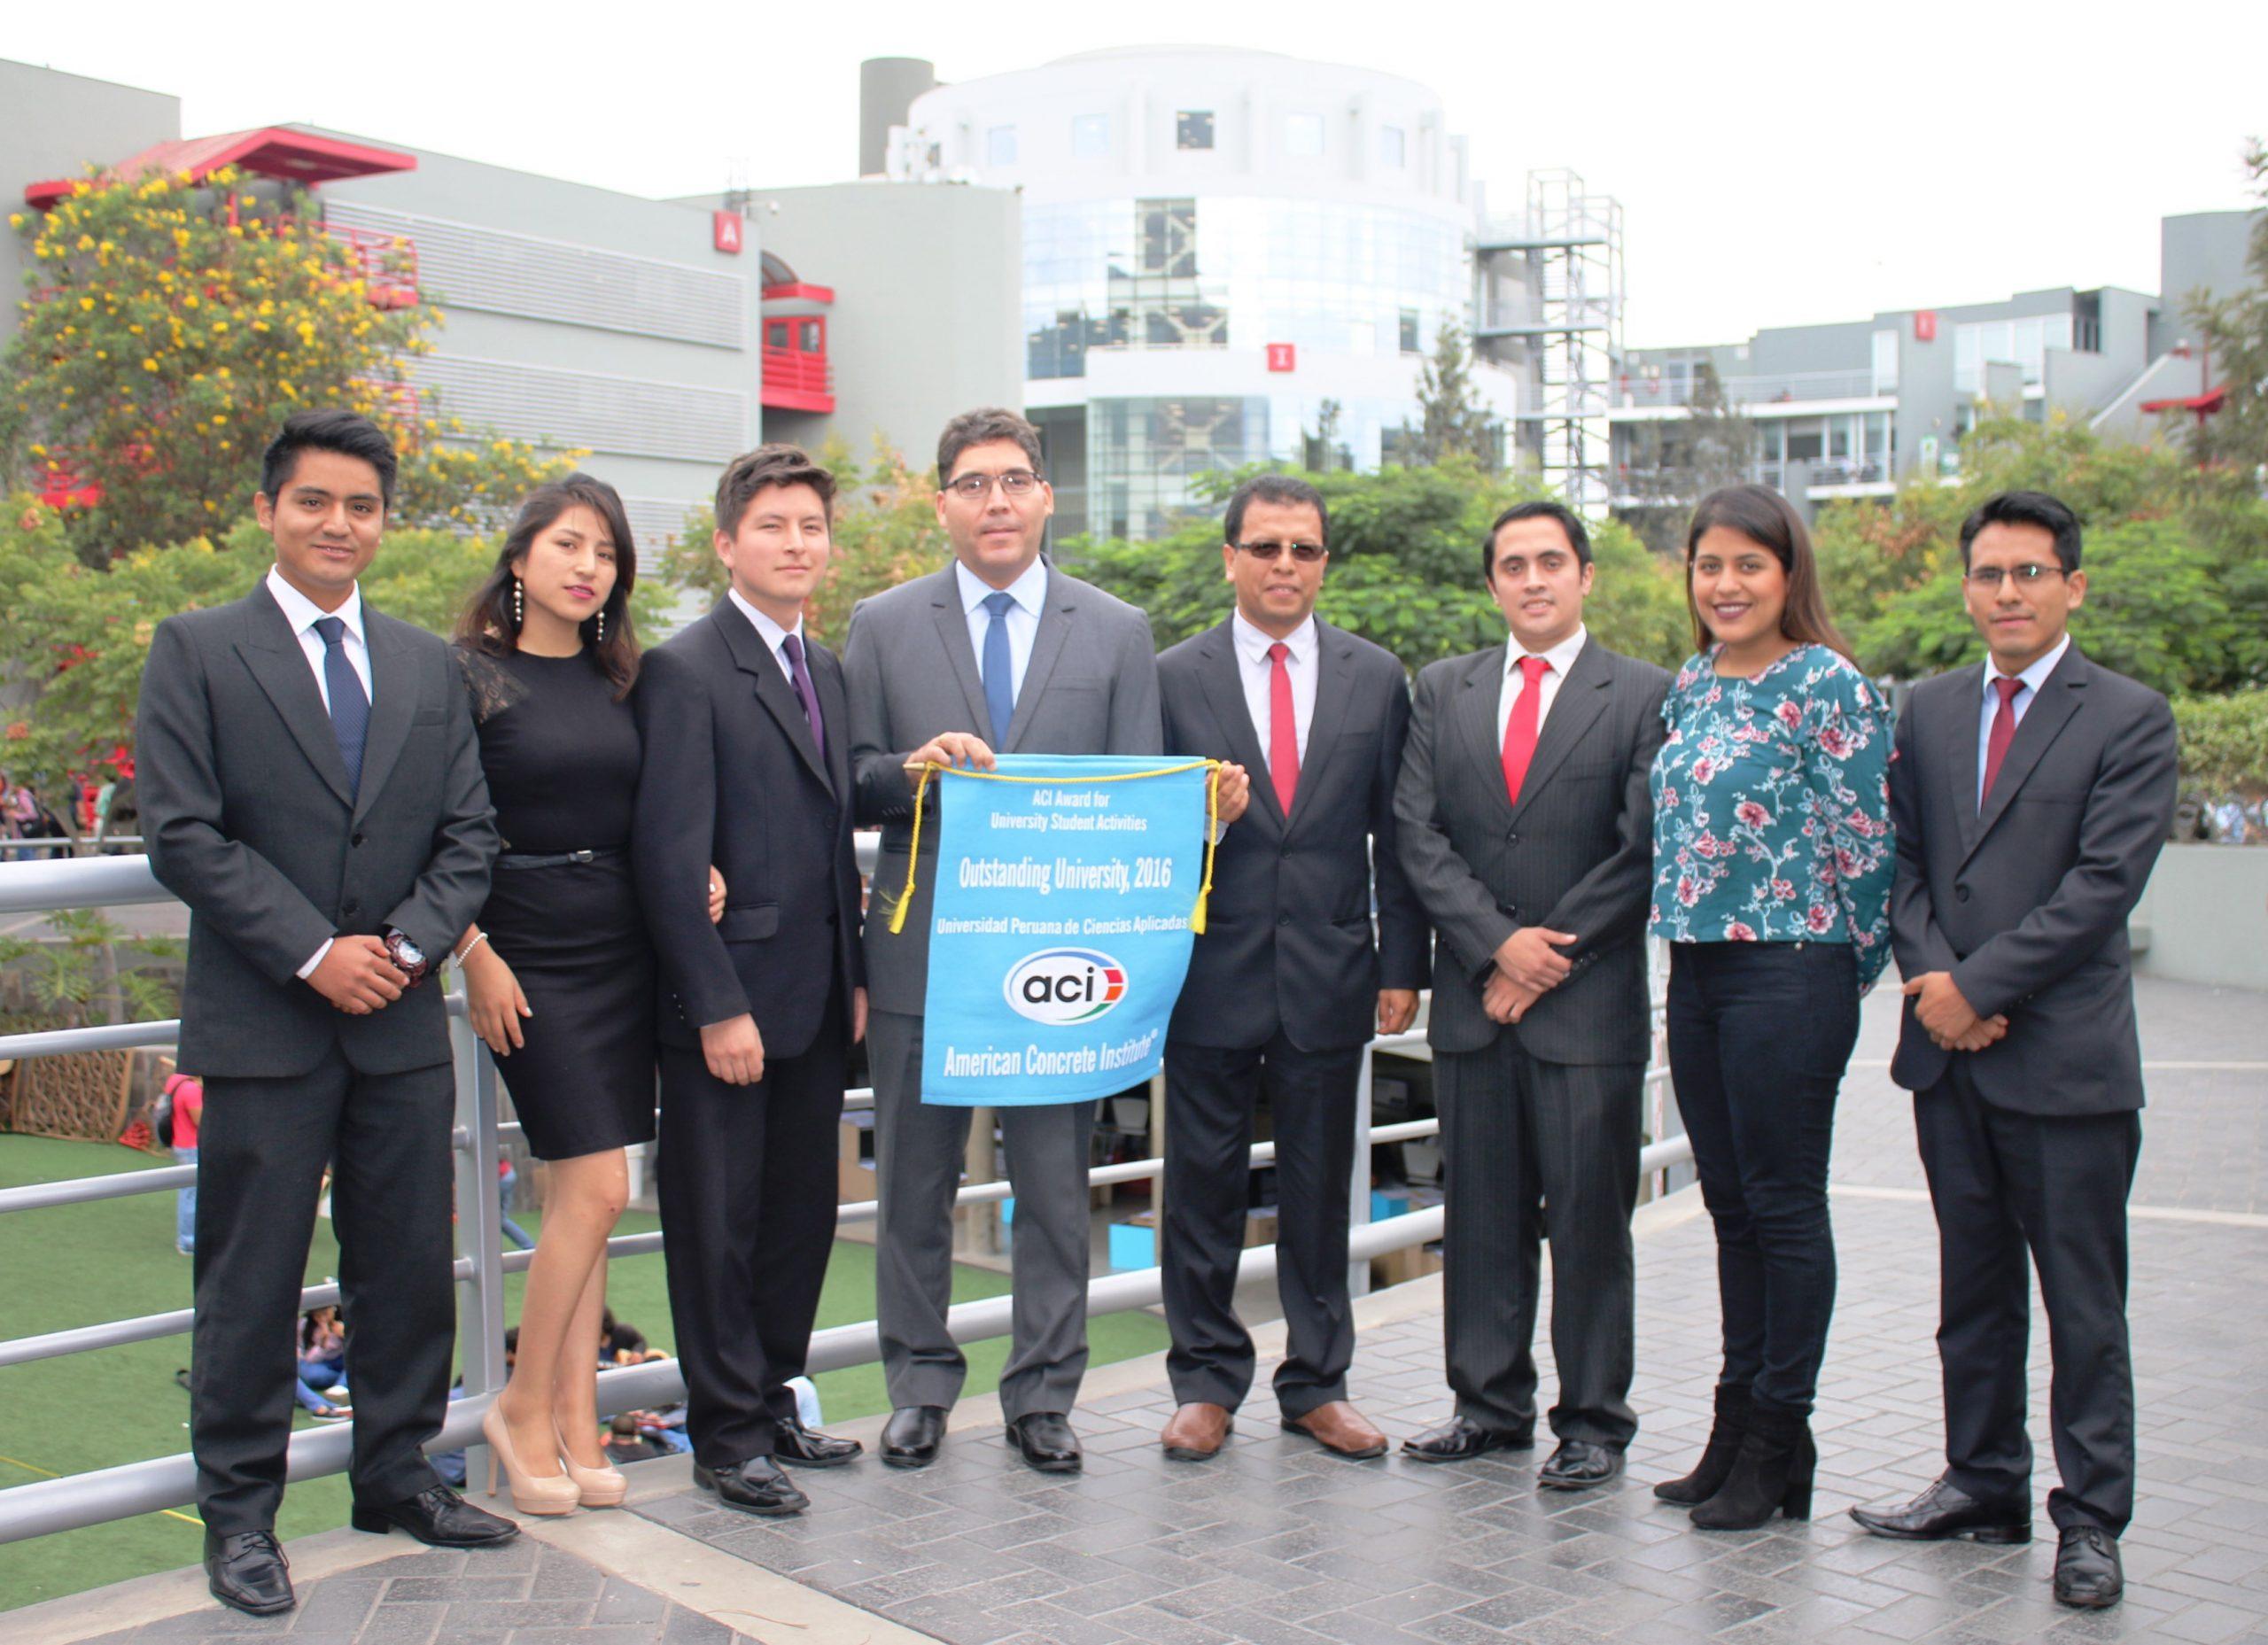 Alumnos de ingeniería civil de la upc obtuvieron reconocimiento internacional de ACI